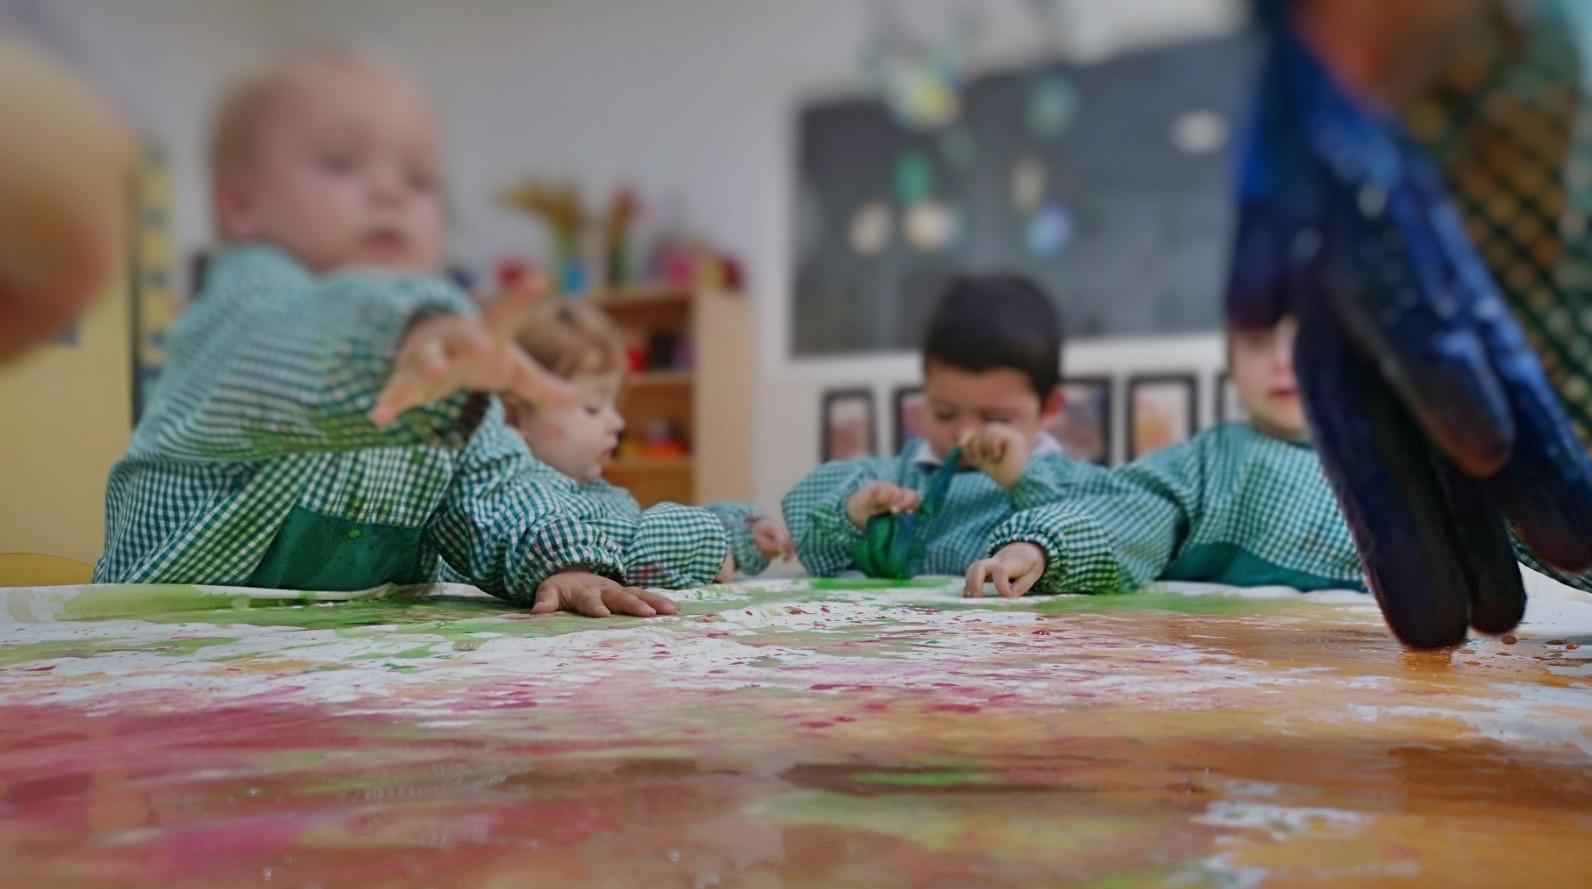 ¿Hasta donde puede llegar el talento de un infante si se estimula correctamente?